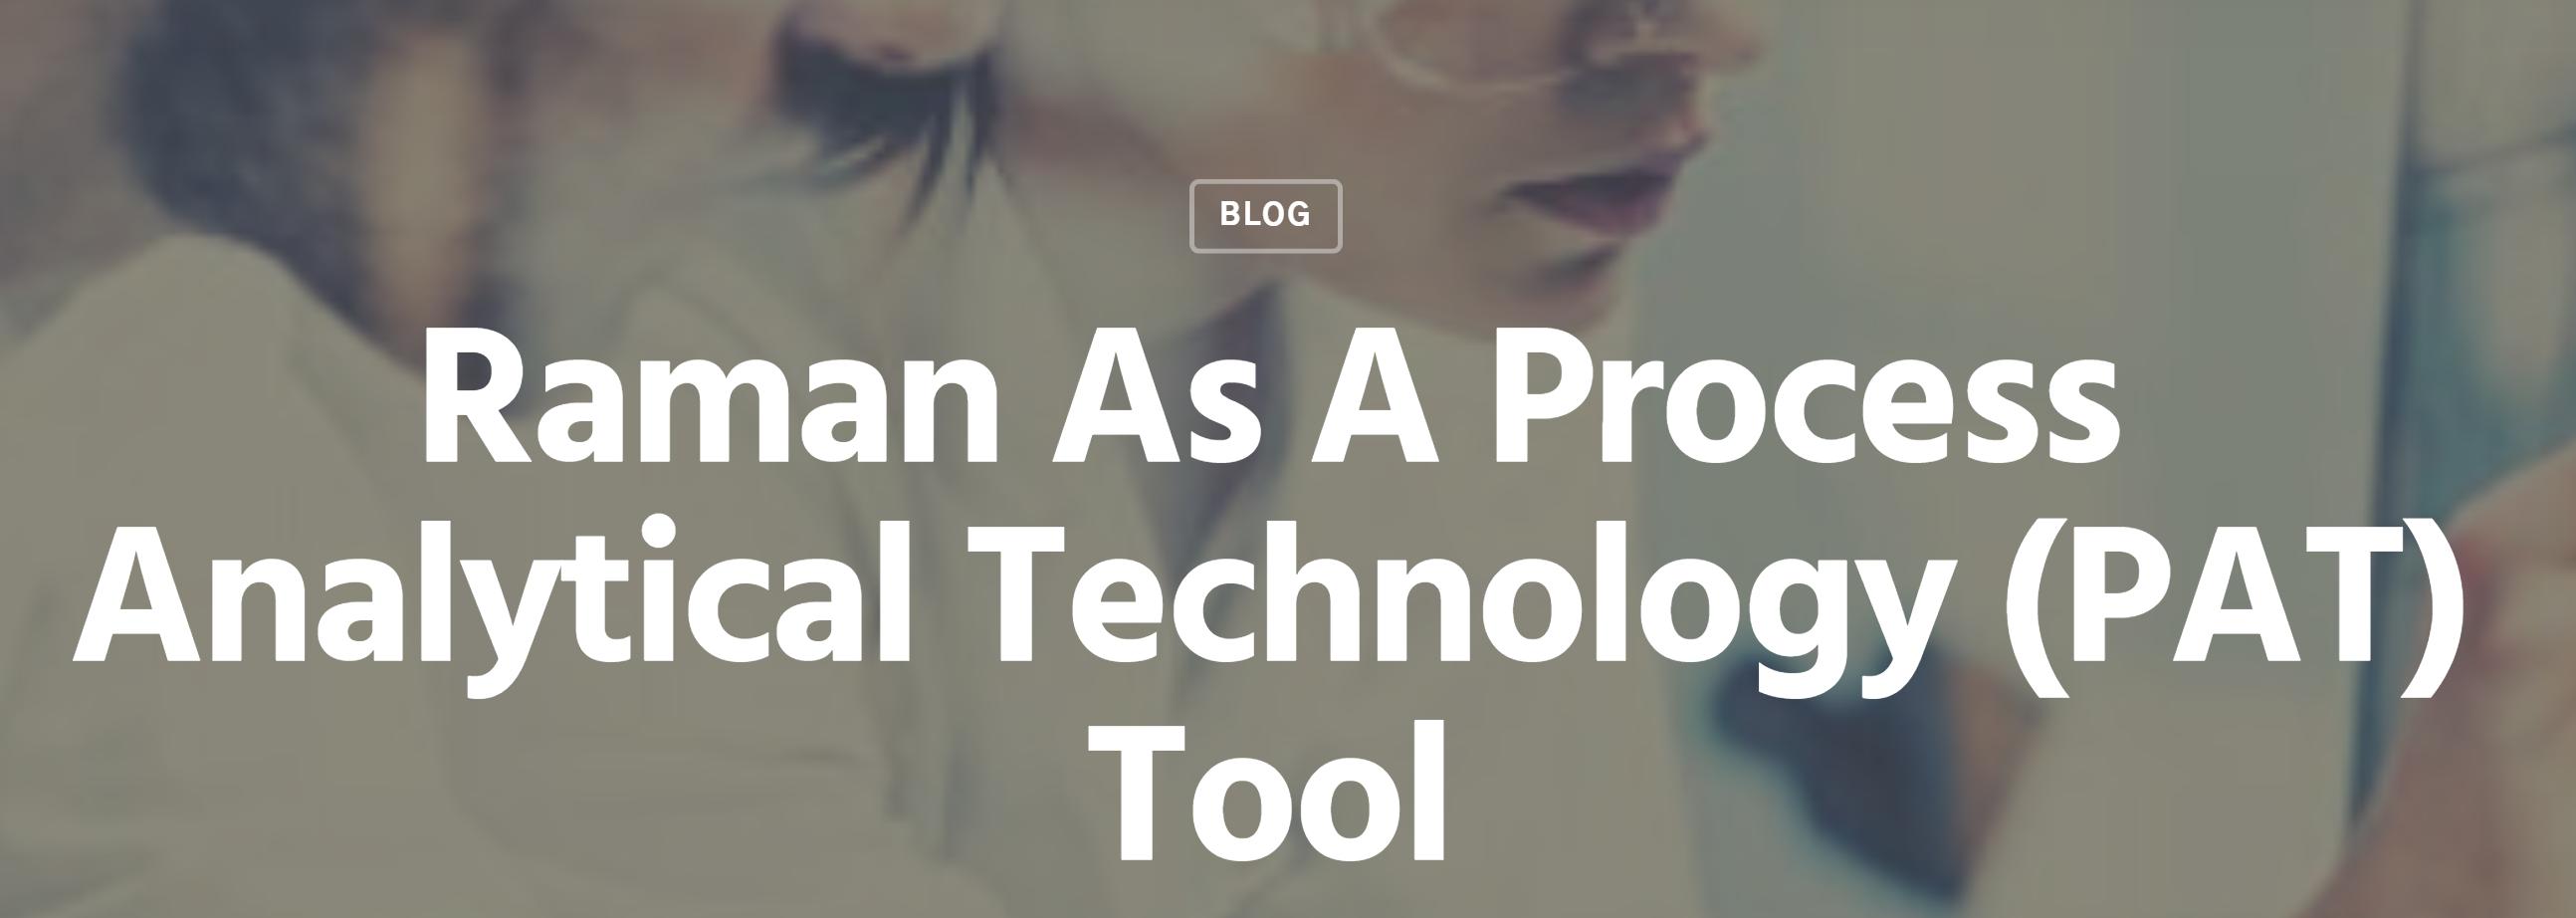 Raman como herramienta para la tecnología analítica de procesos (PAT)